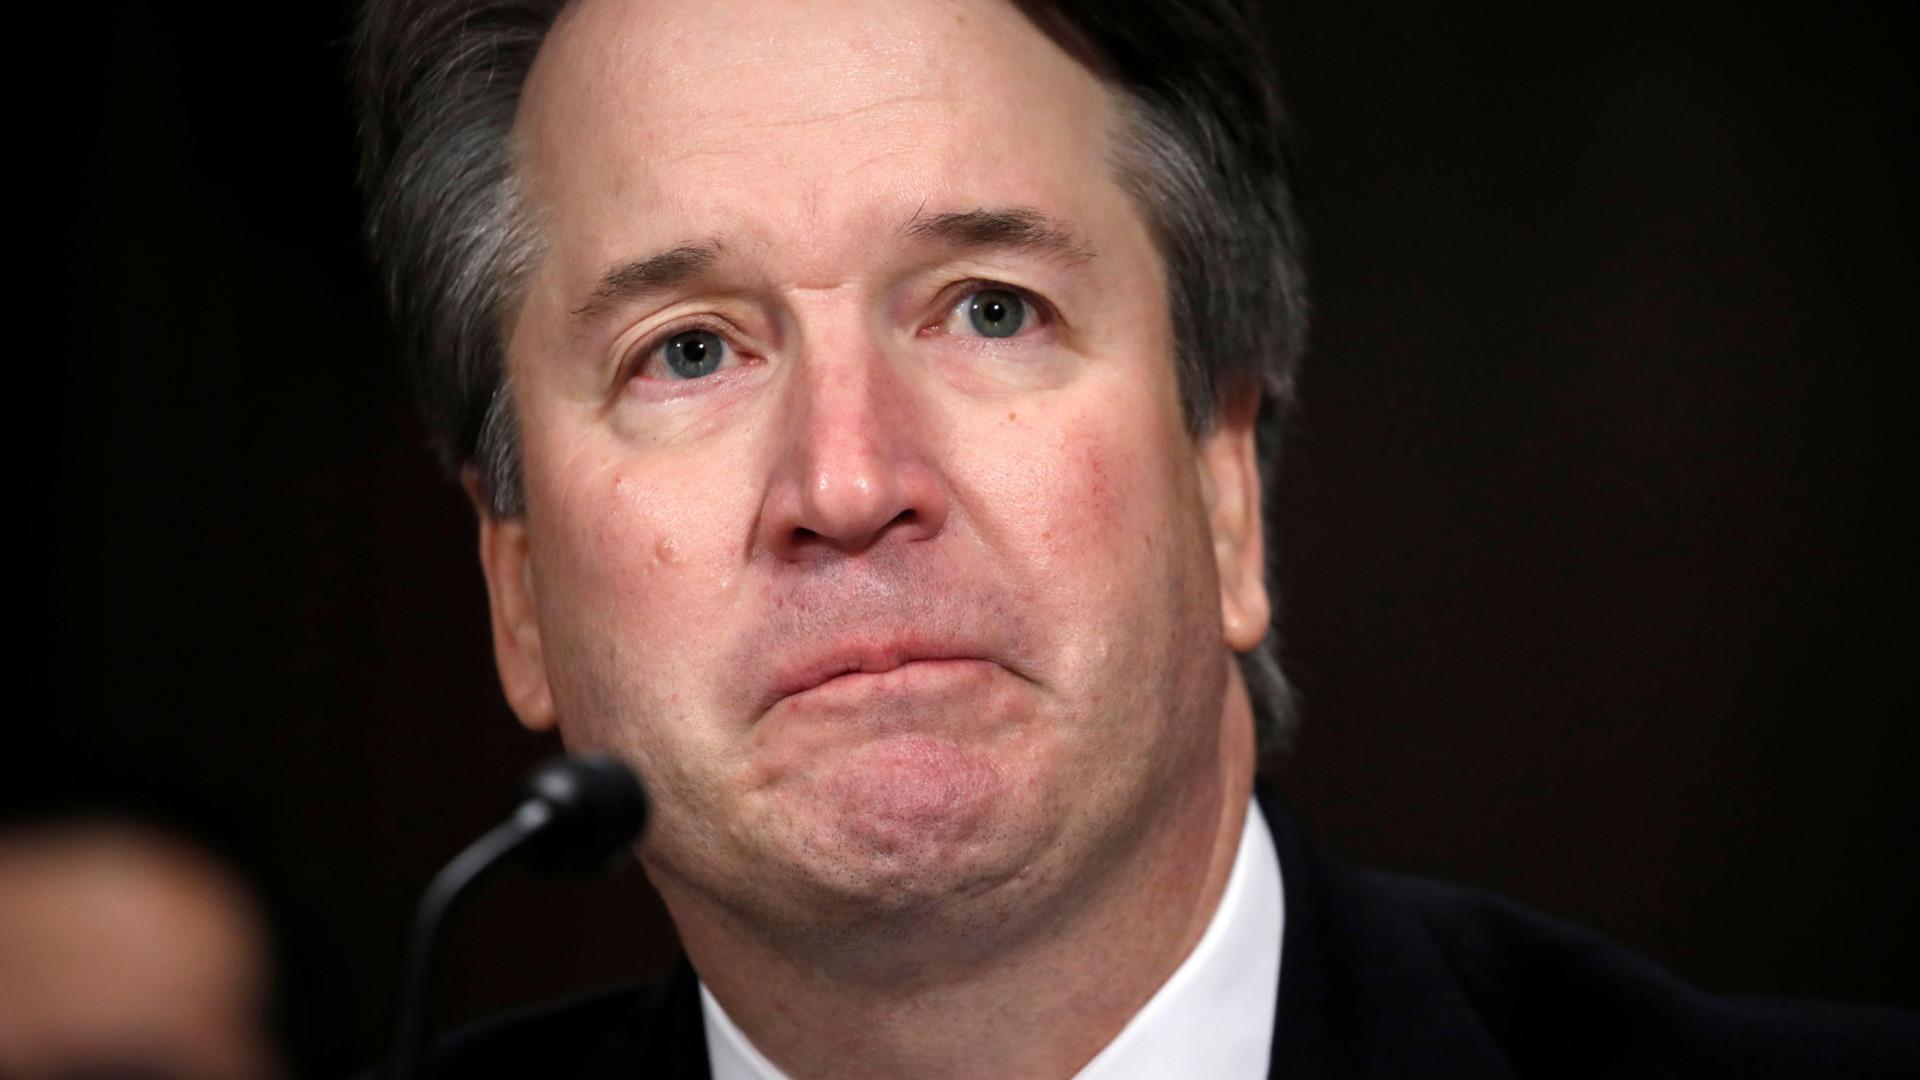 """Democratas criticam relatório """"incompleto"""" do FBI sobre juiz Kavanaugh"""